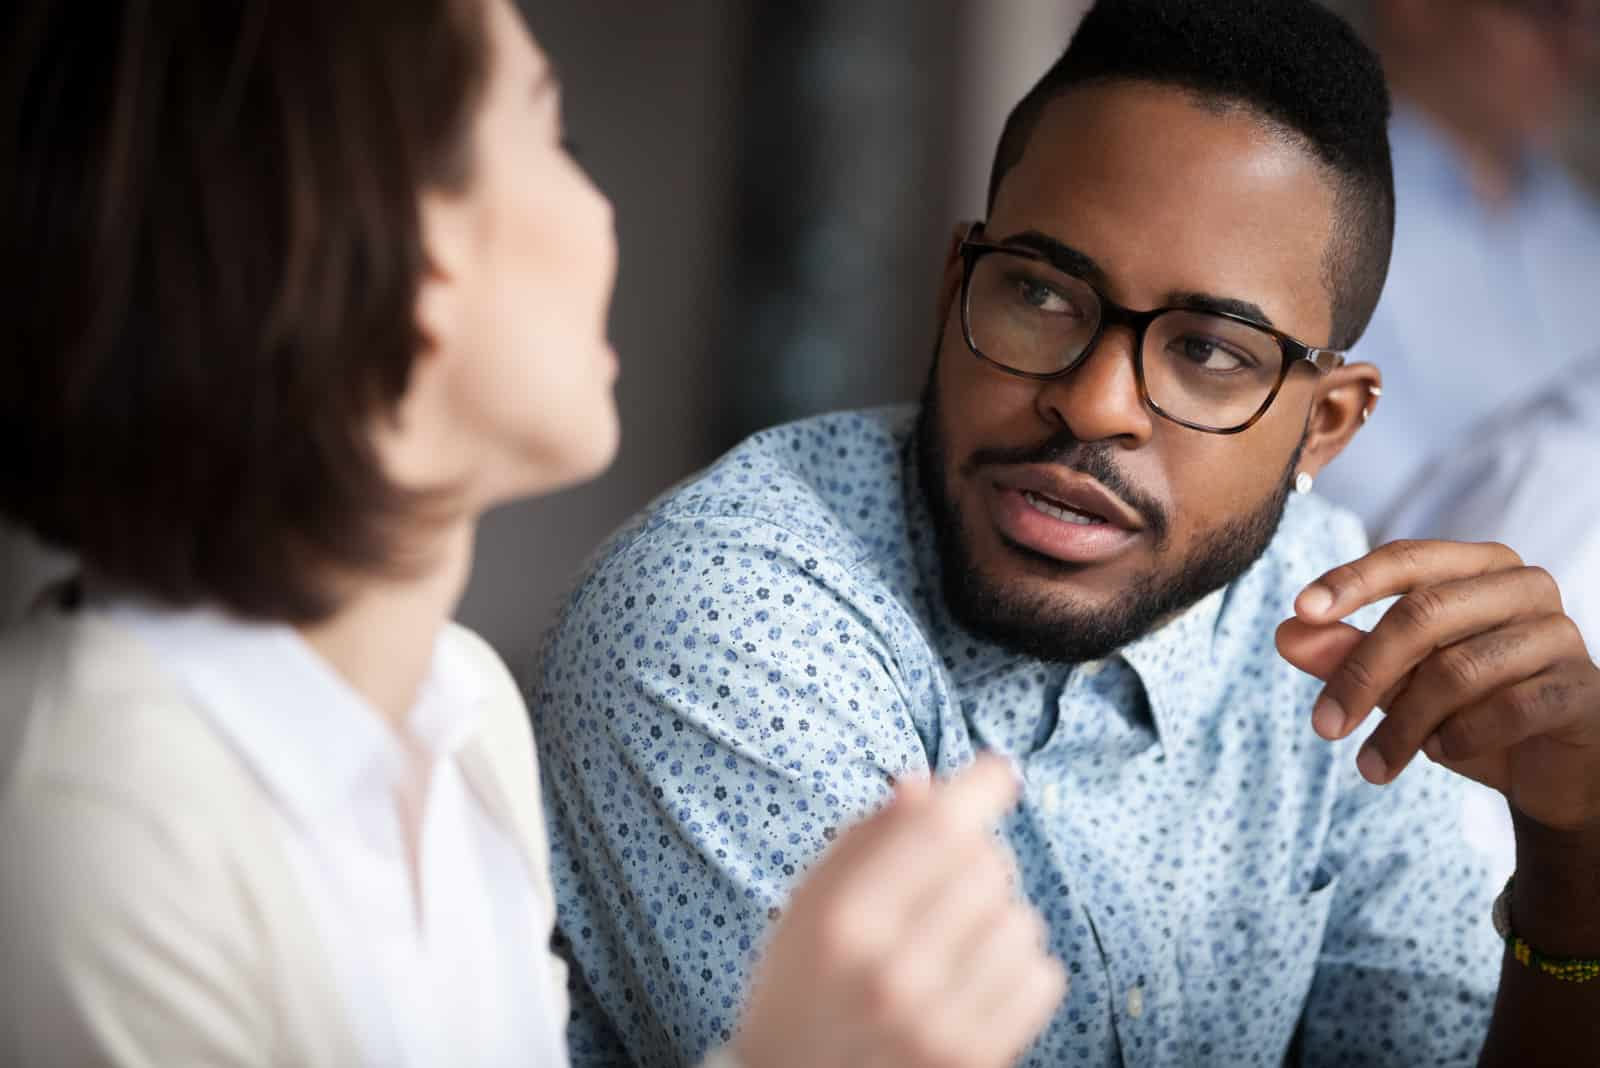 l'homme parle à la femme pendant qu'elle l'écoute